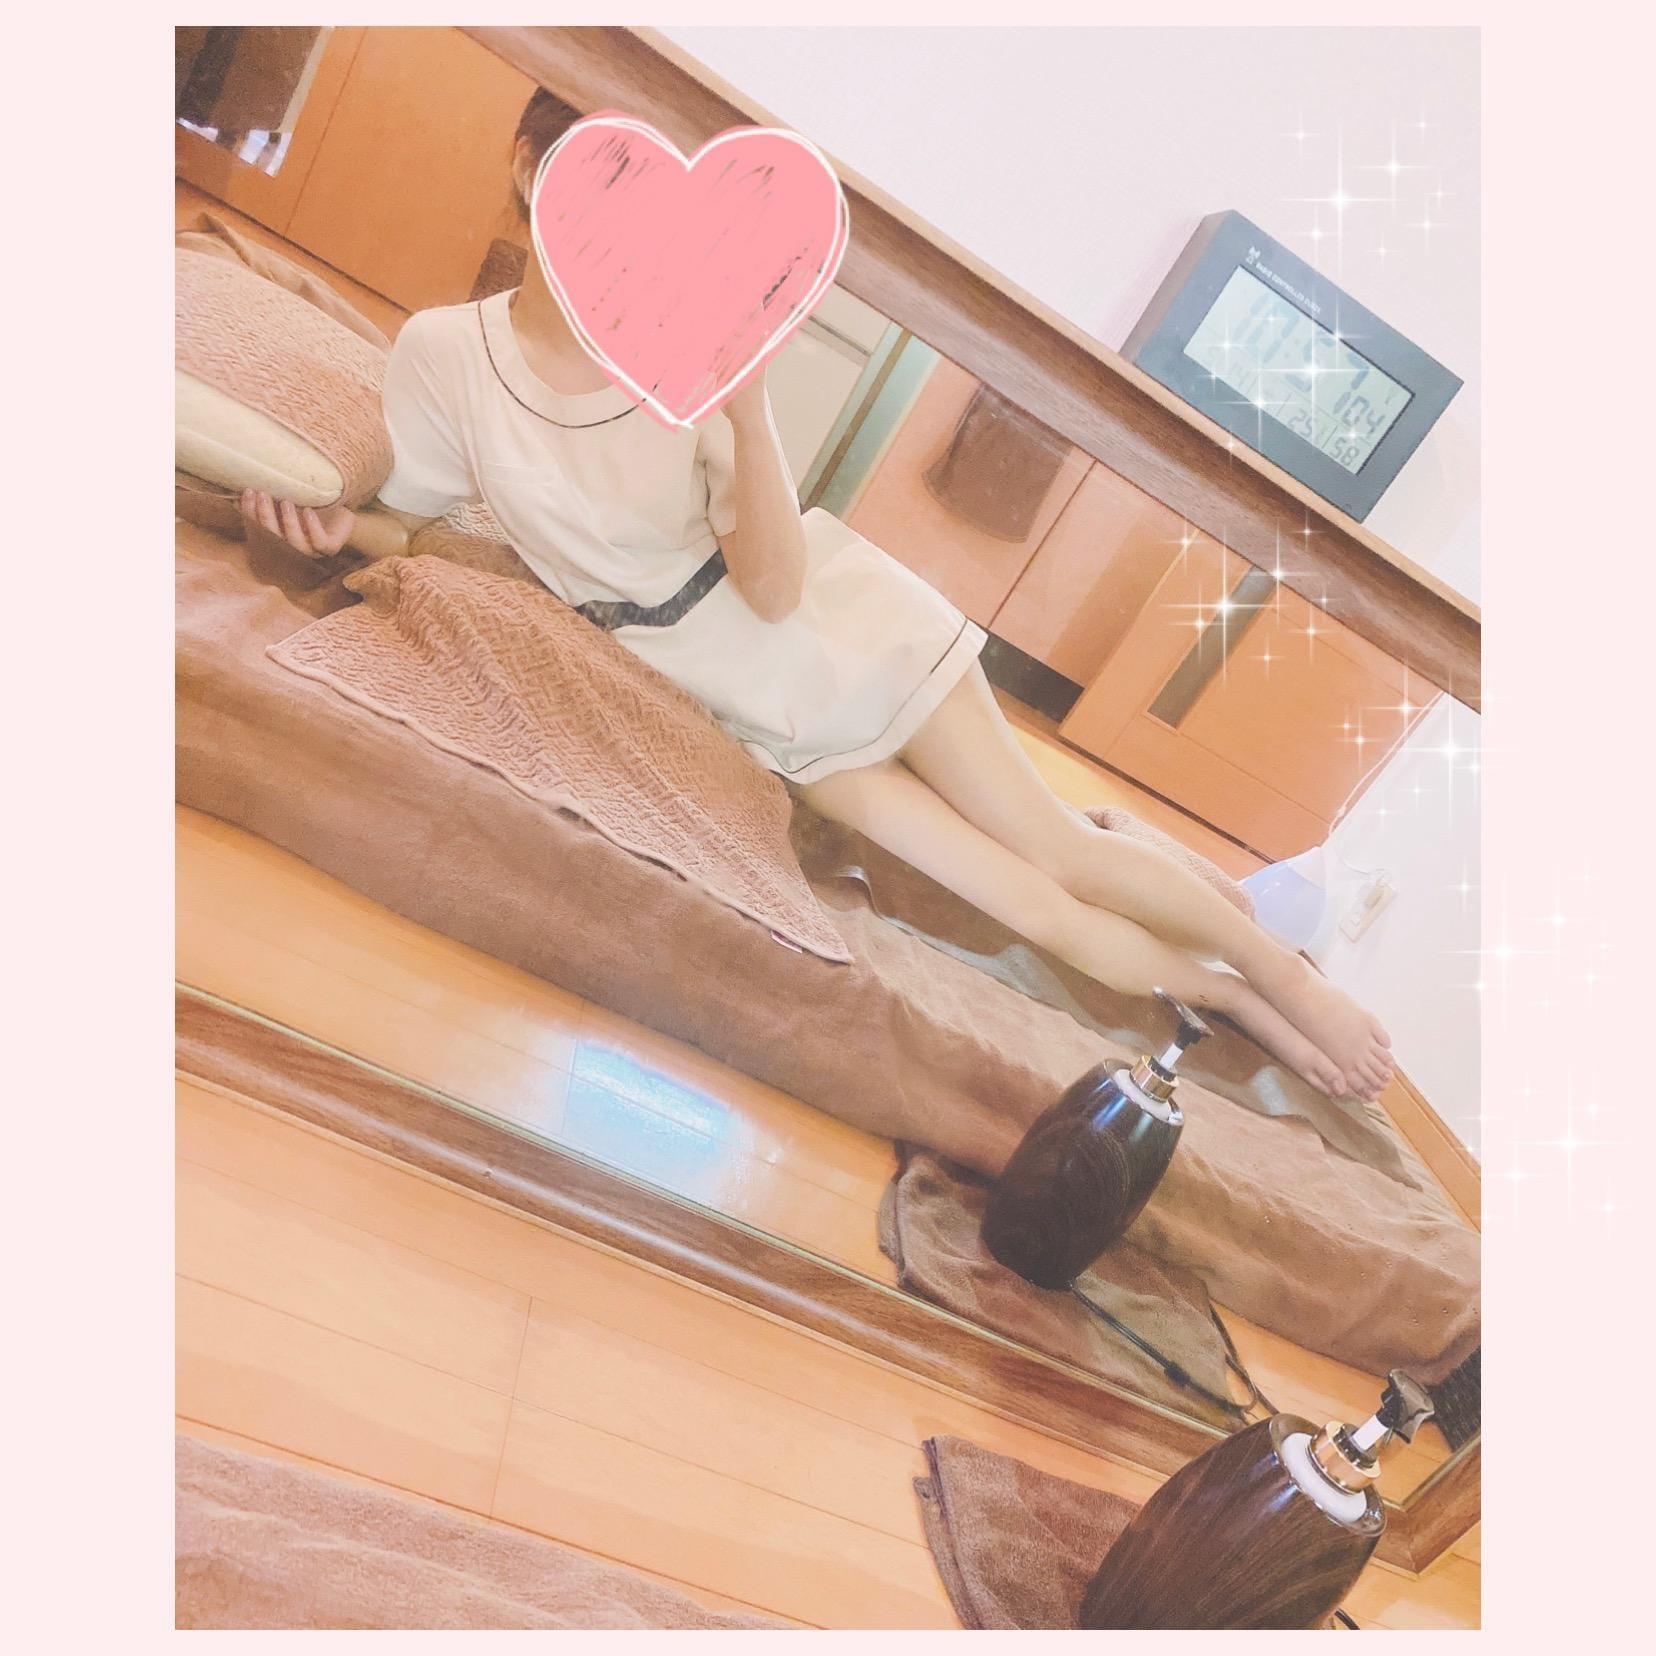 「15:00〜久しぶりの出勤♡」05/31(月) 11:46   春川 そらの写メ日記